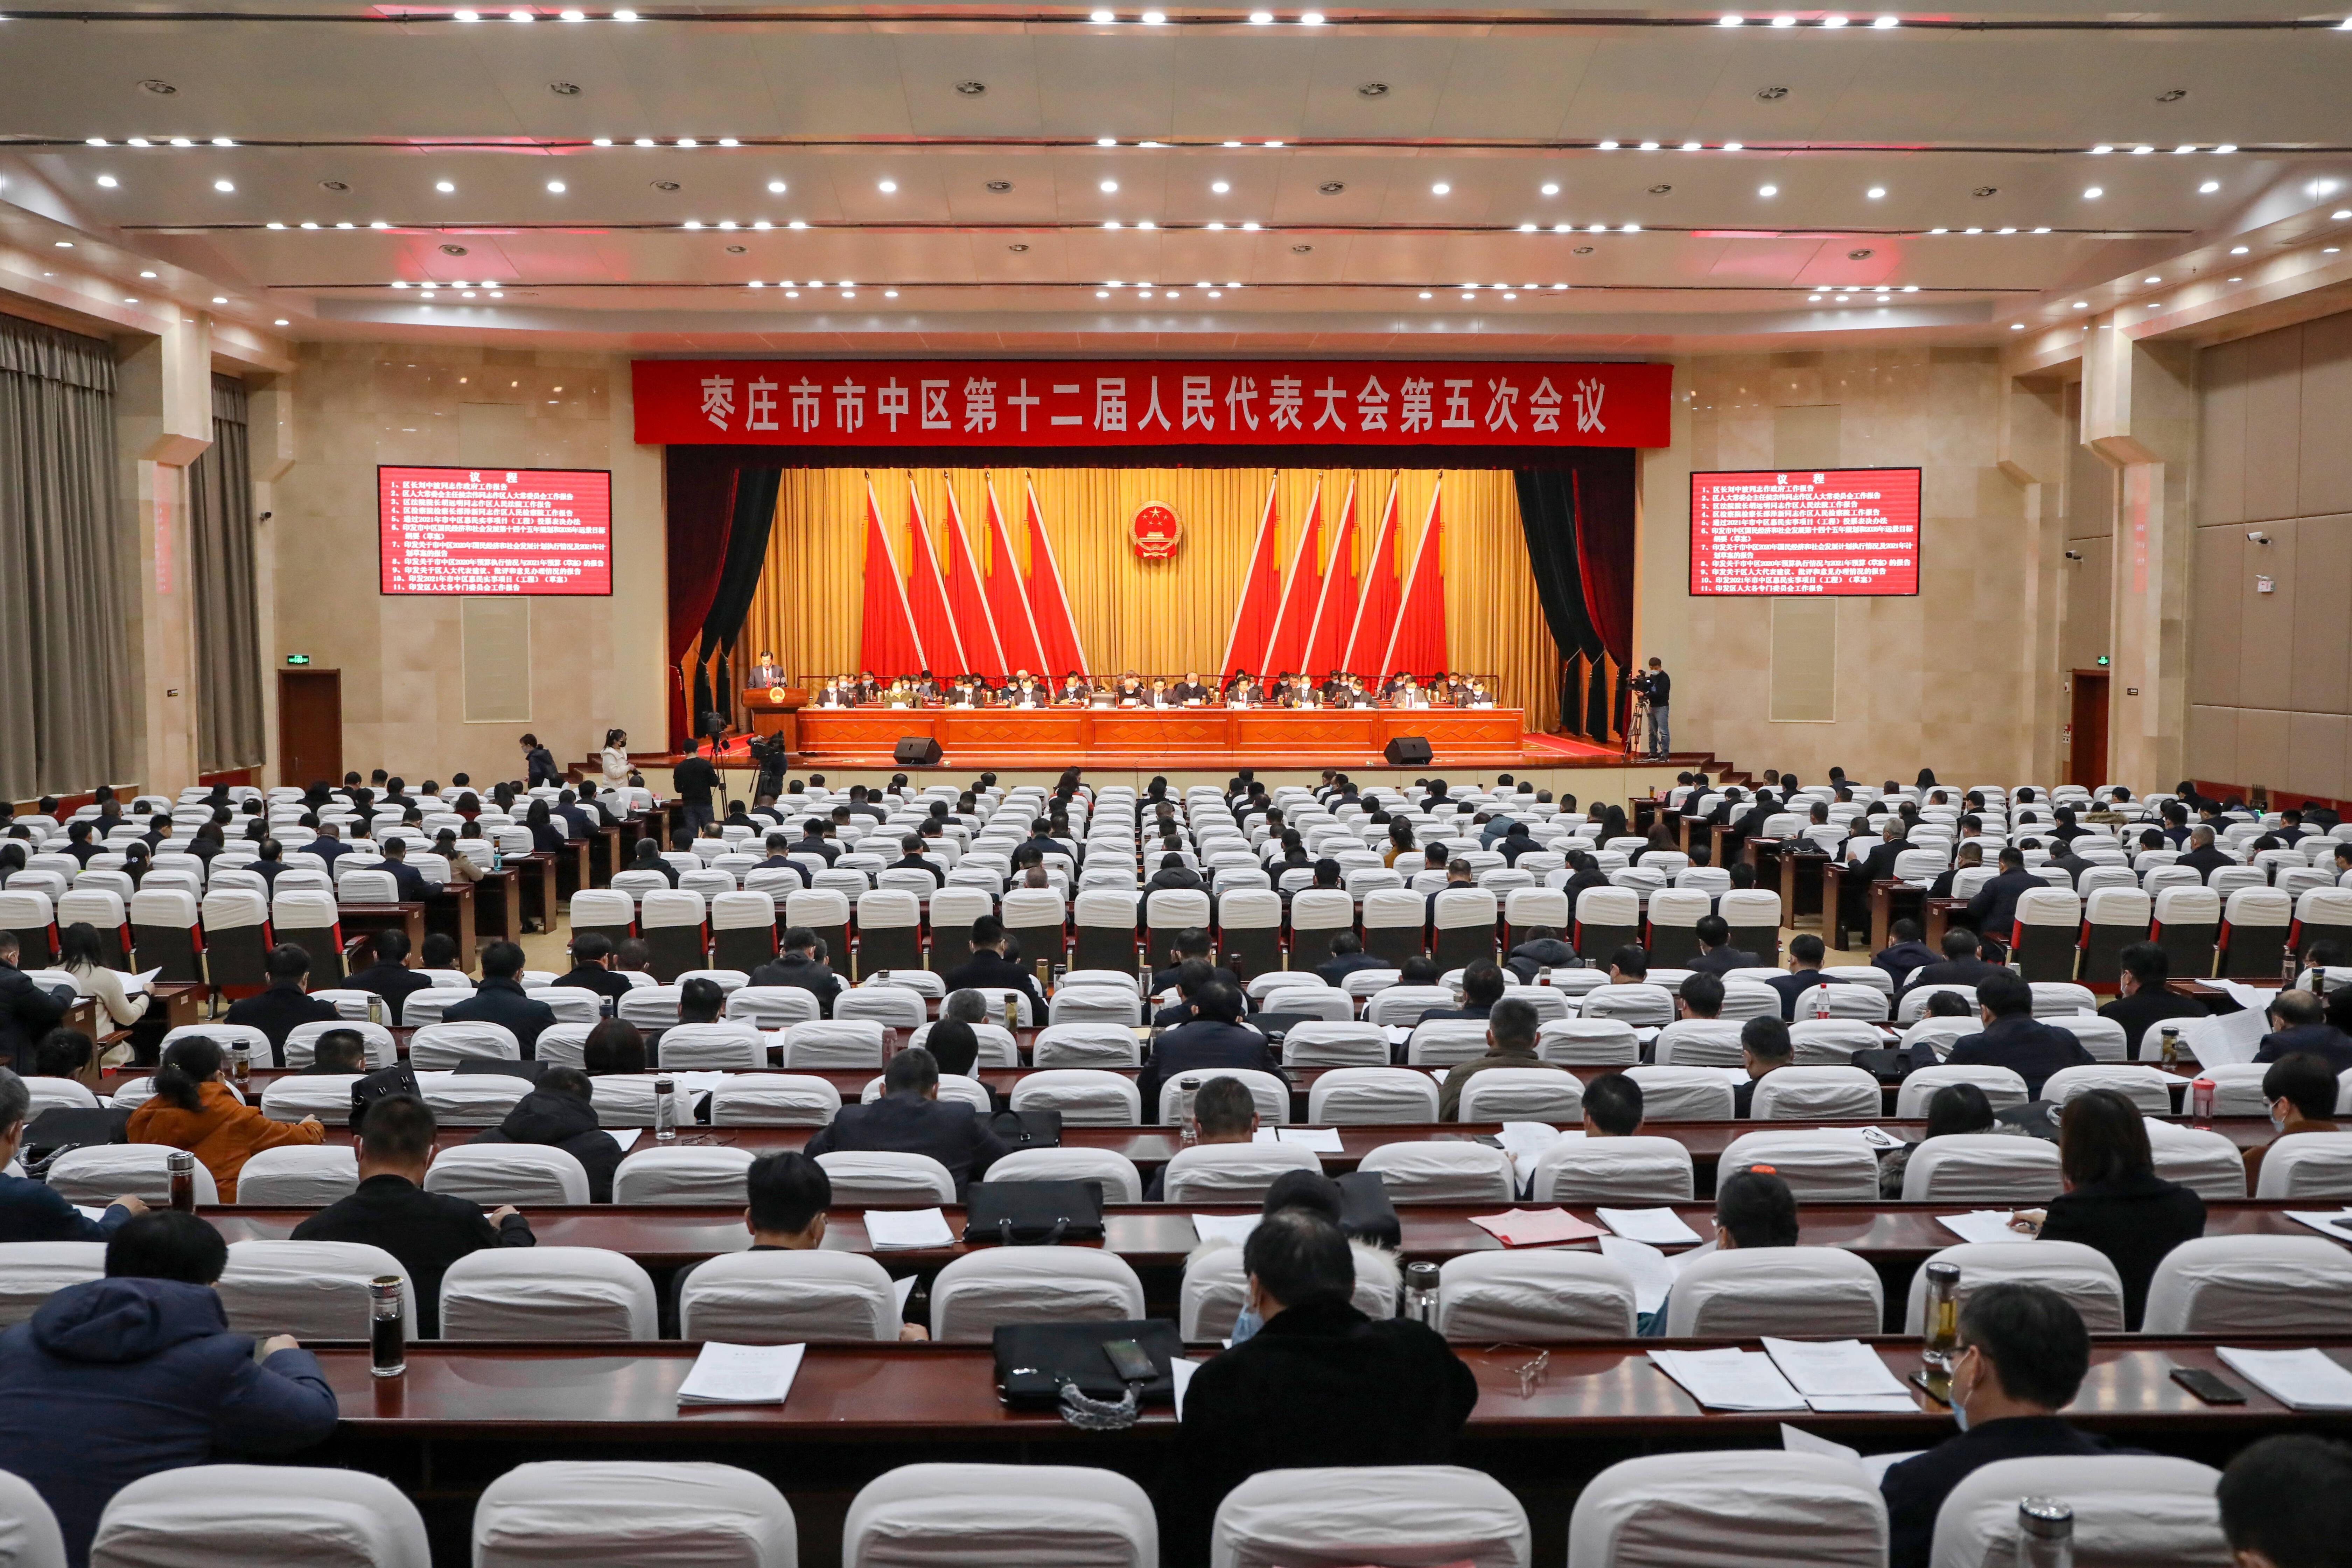 55秒|枣庄市市中区第十二届人民代表大会第五次会议隆重开幕